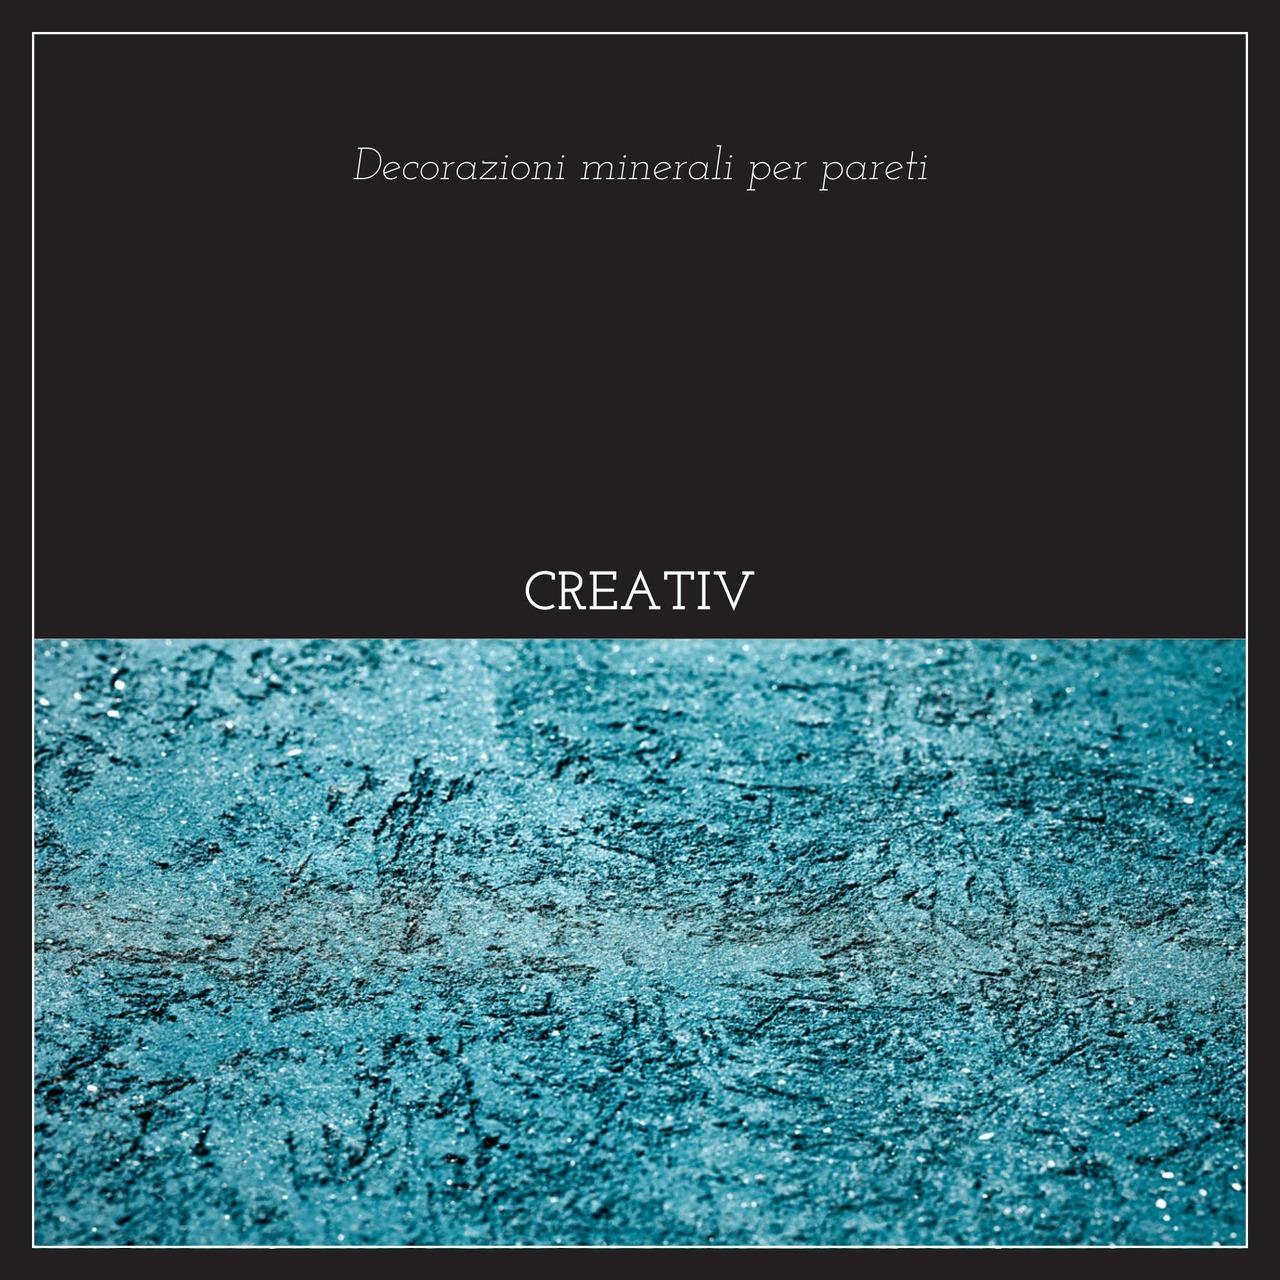 L'opuscolo speciale Creativ presenta con parole e immagini la decorazione minerale per pareti.